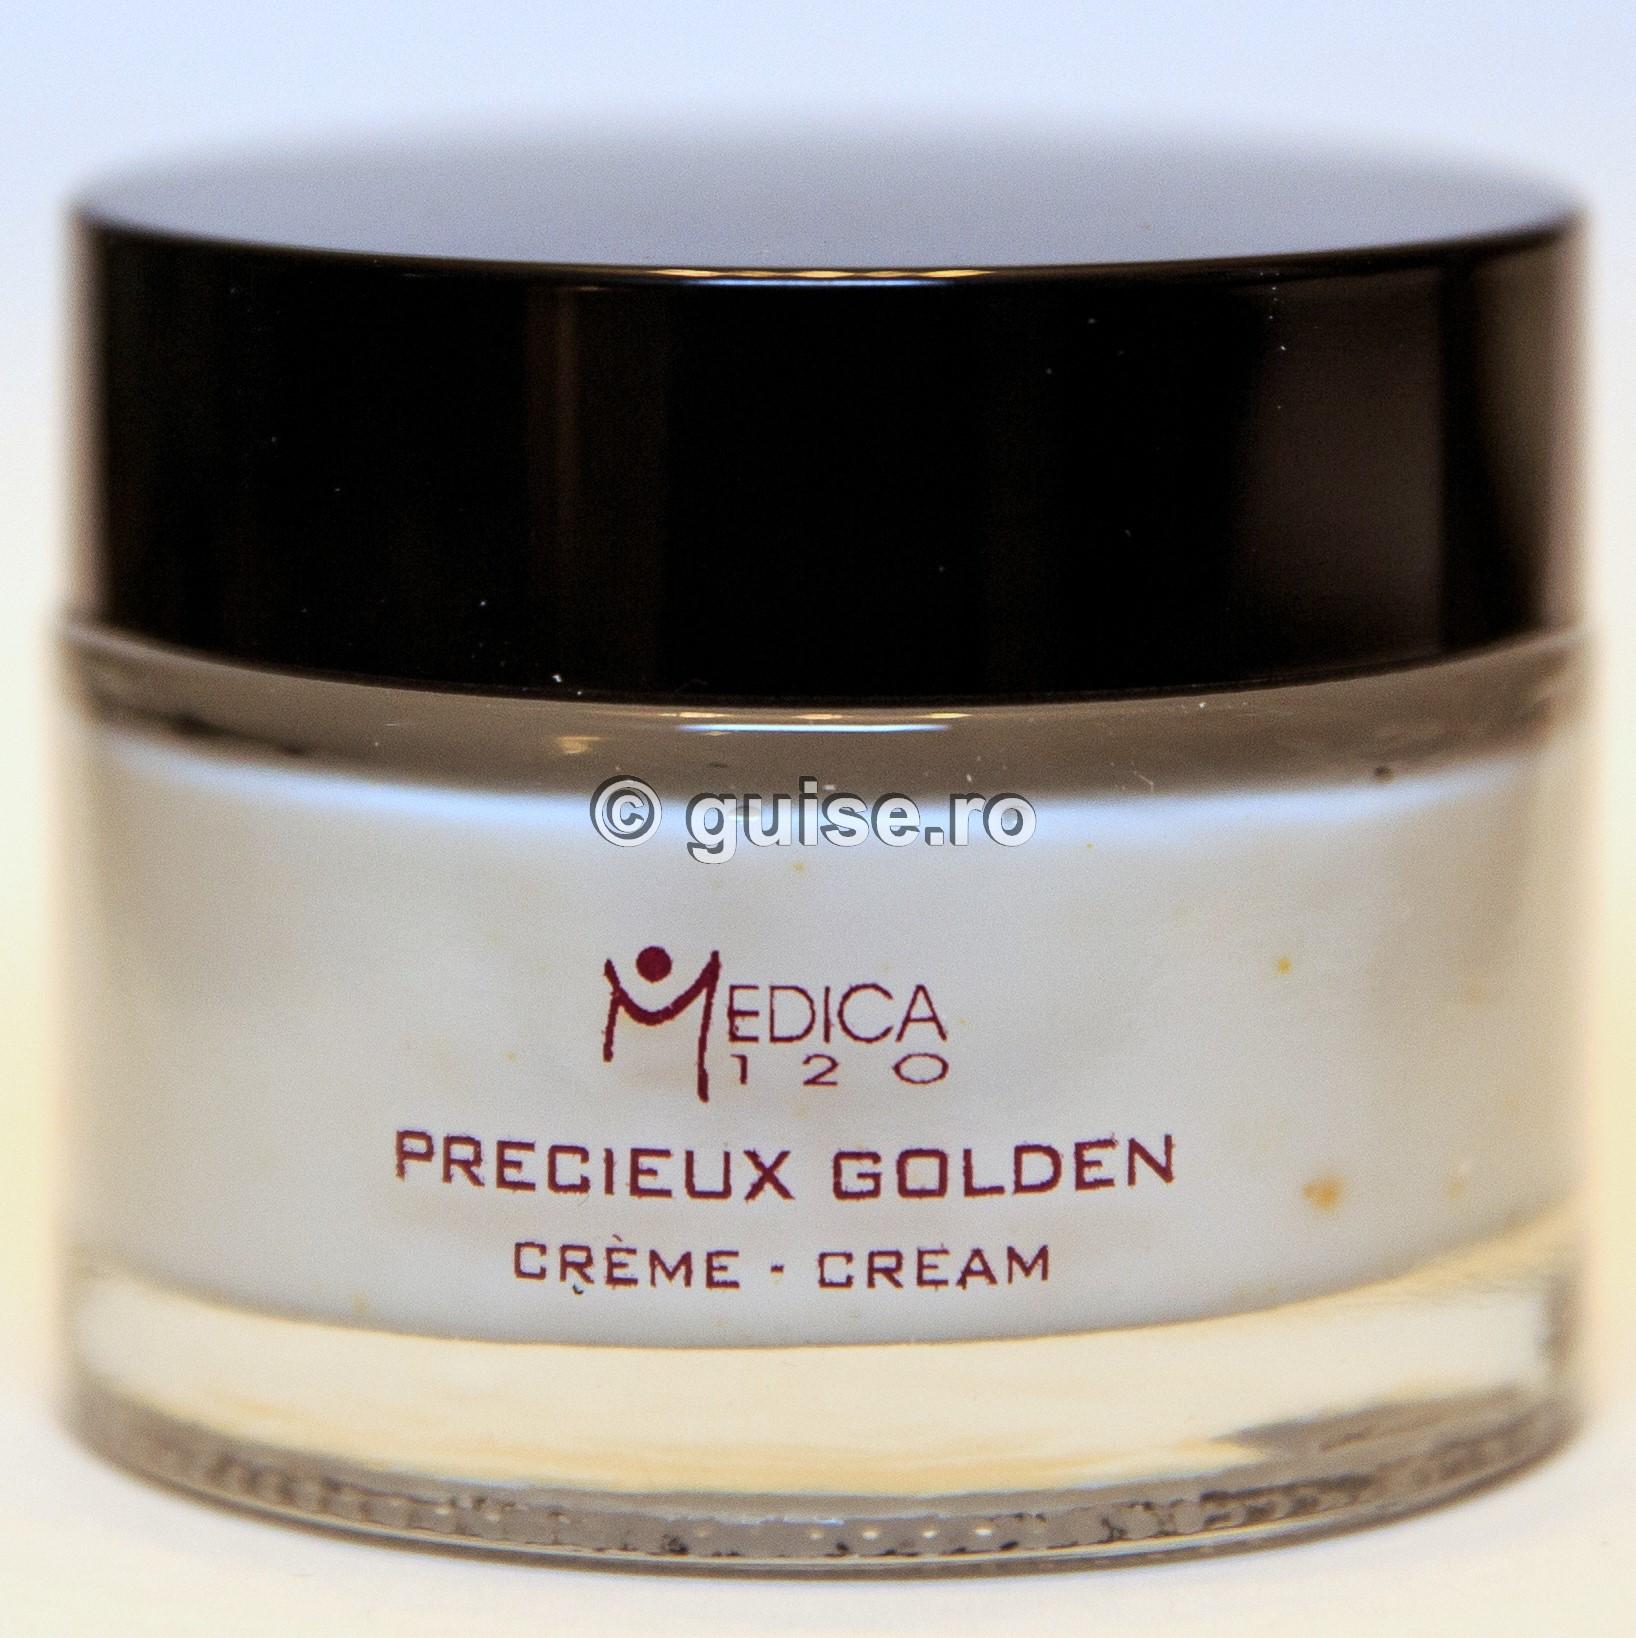 Crema Precieux Golden